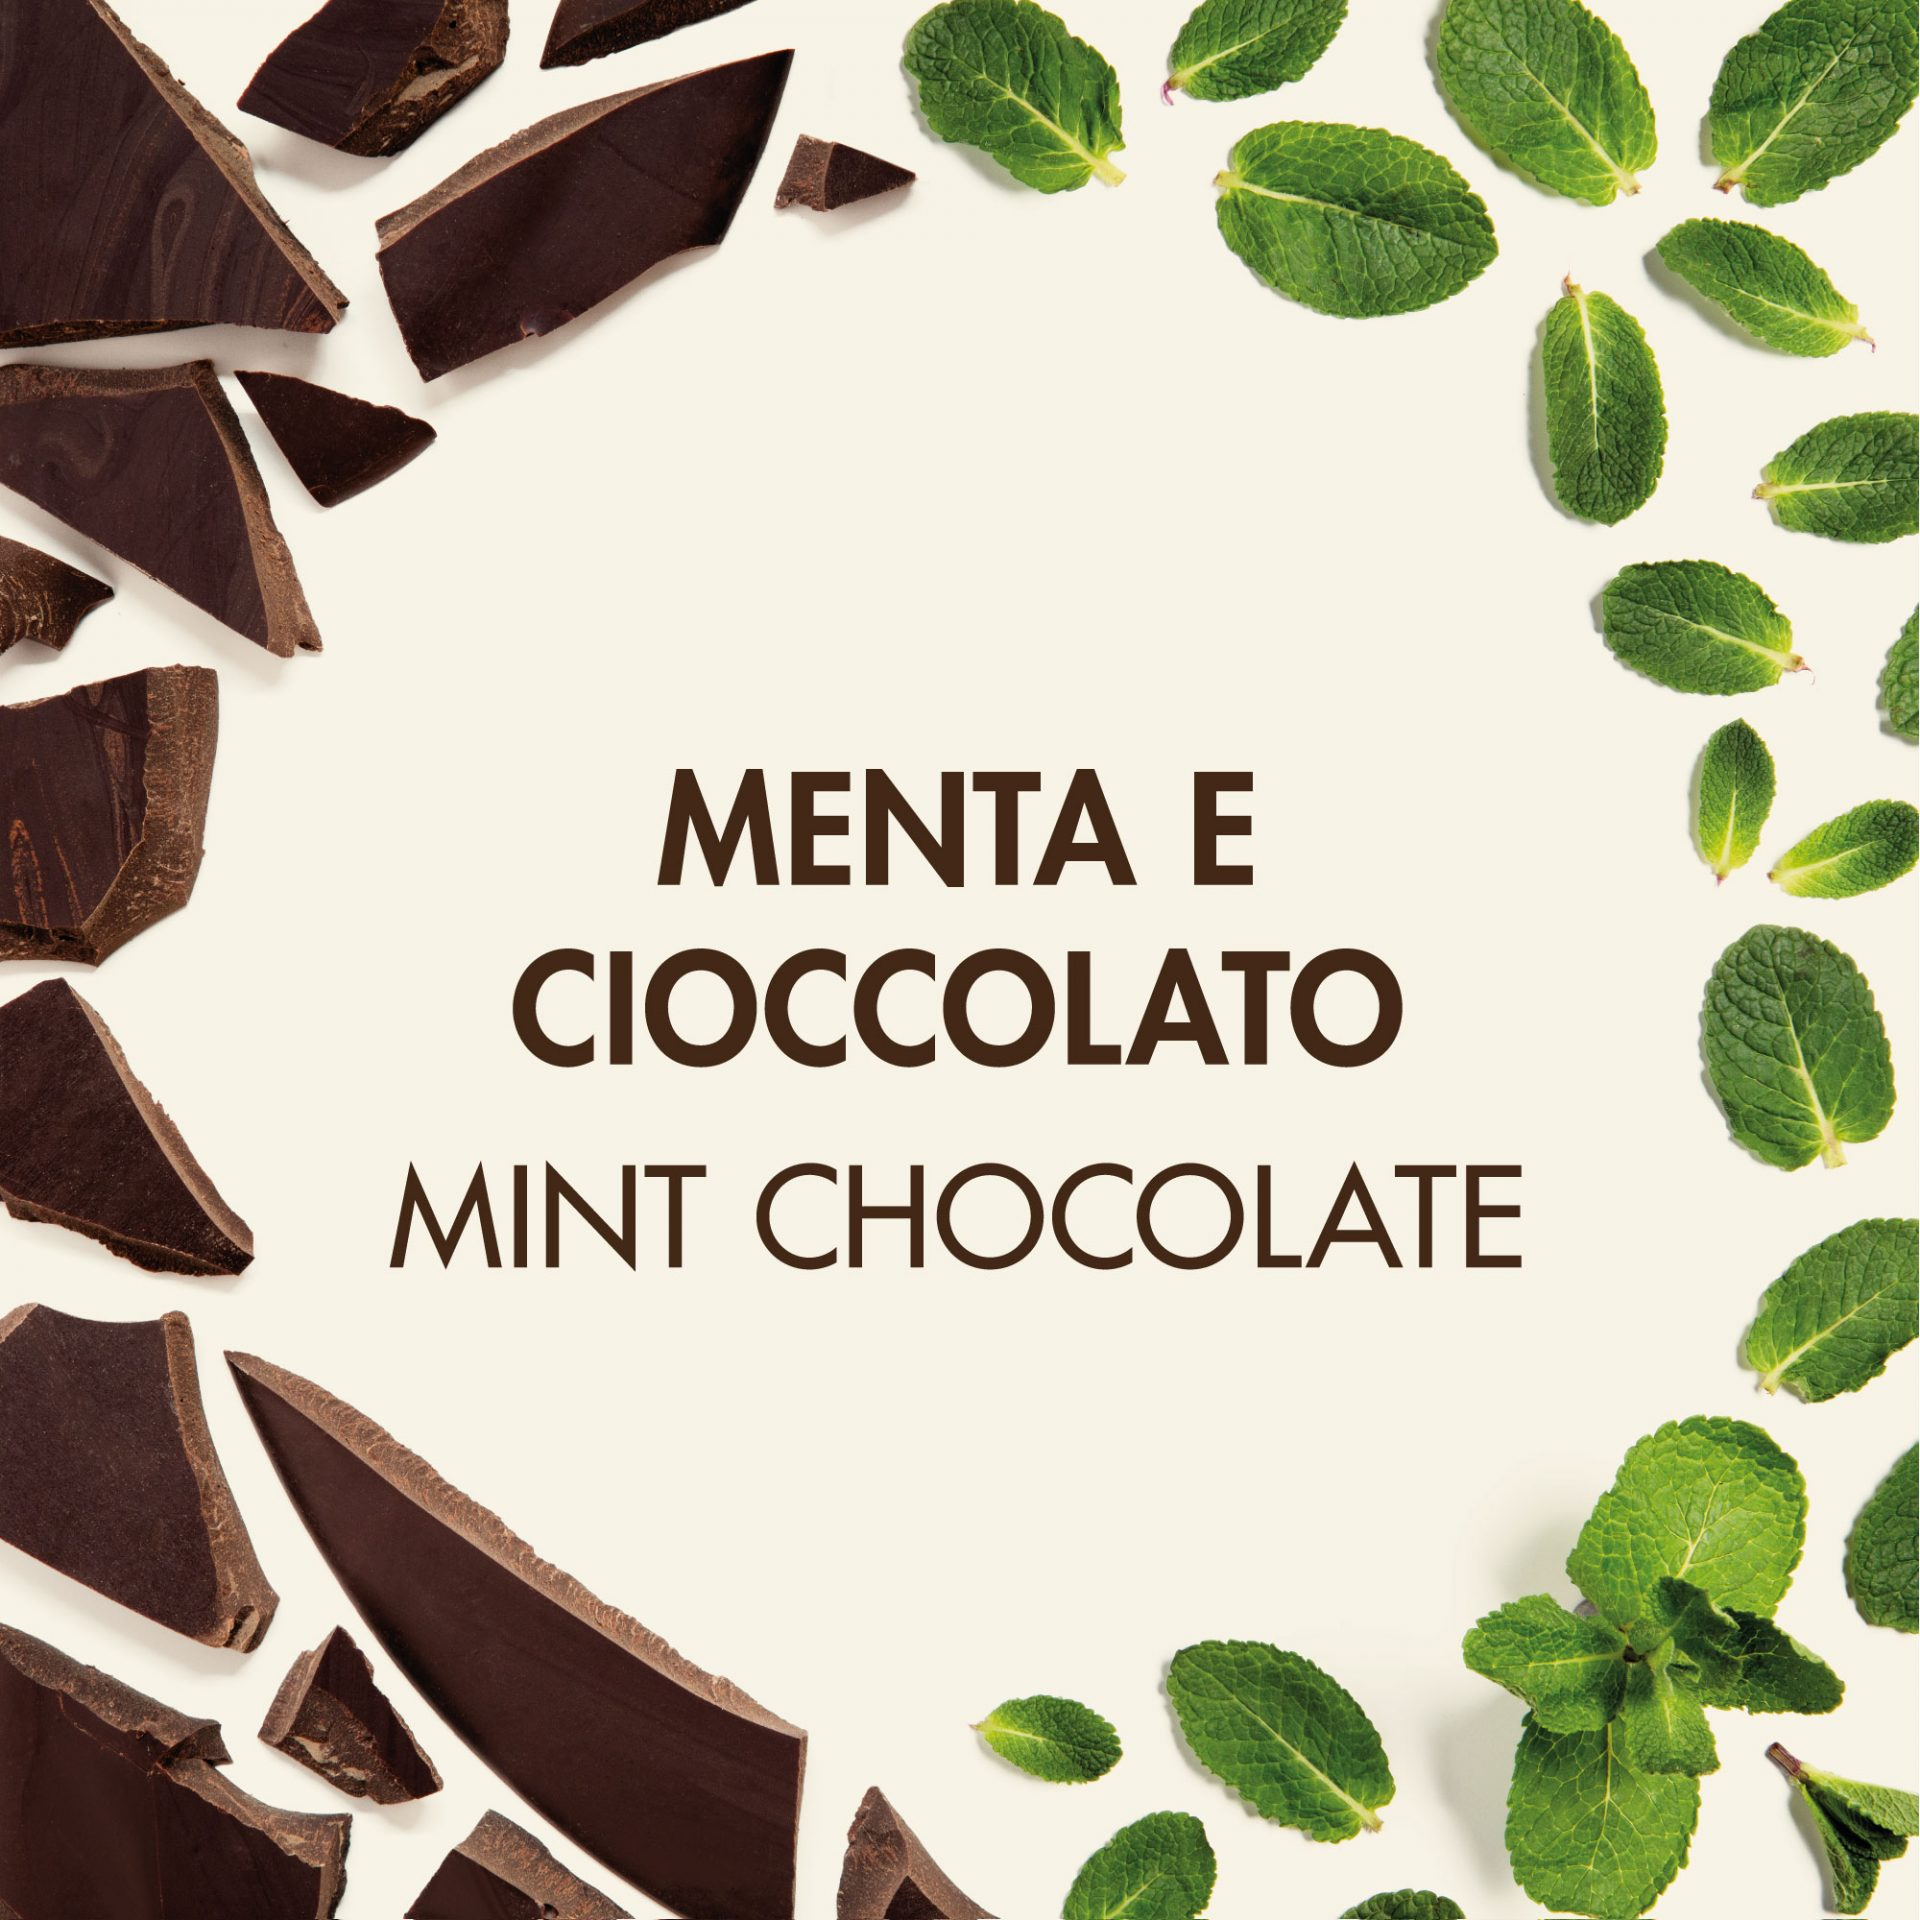 180419_Esecutivi_gusti_scala-1-1_Menta-cioccolato_ITAENG